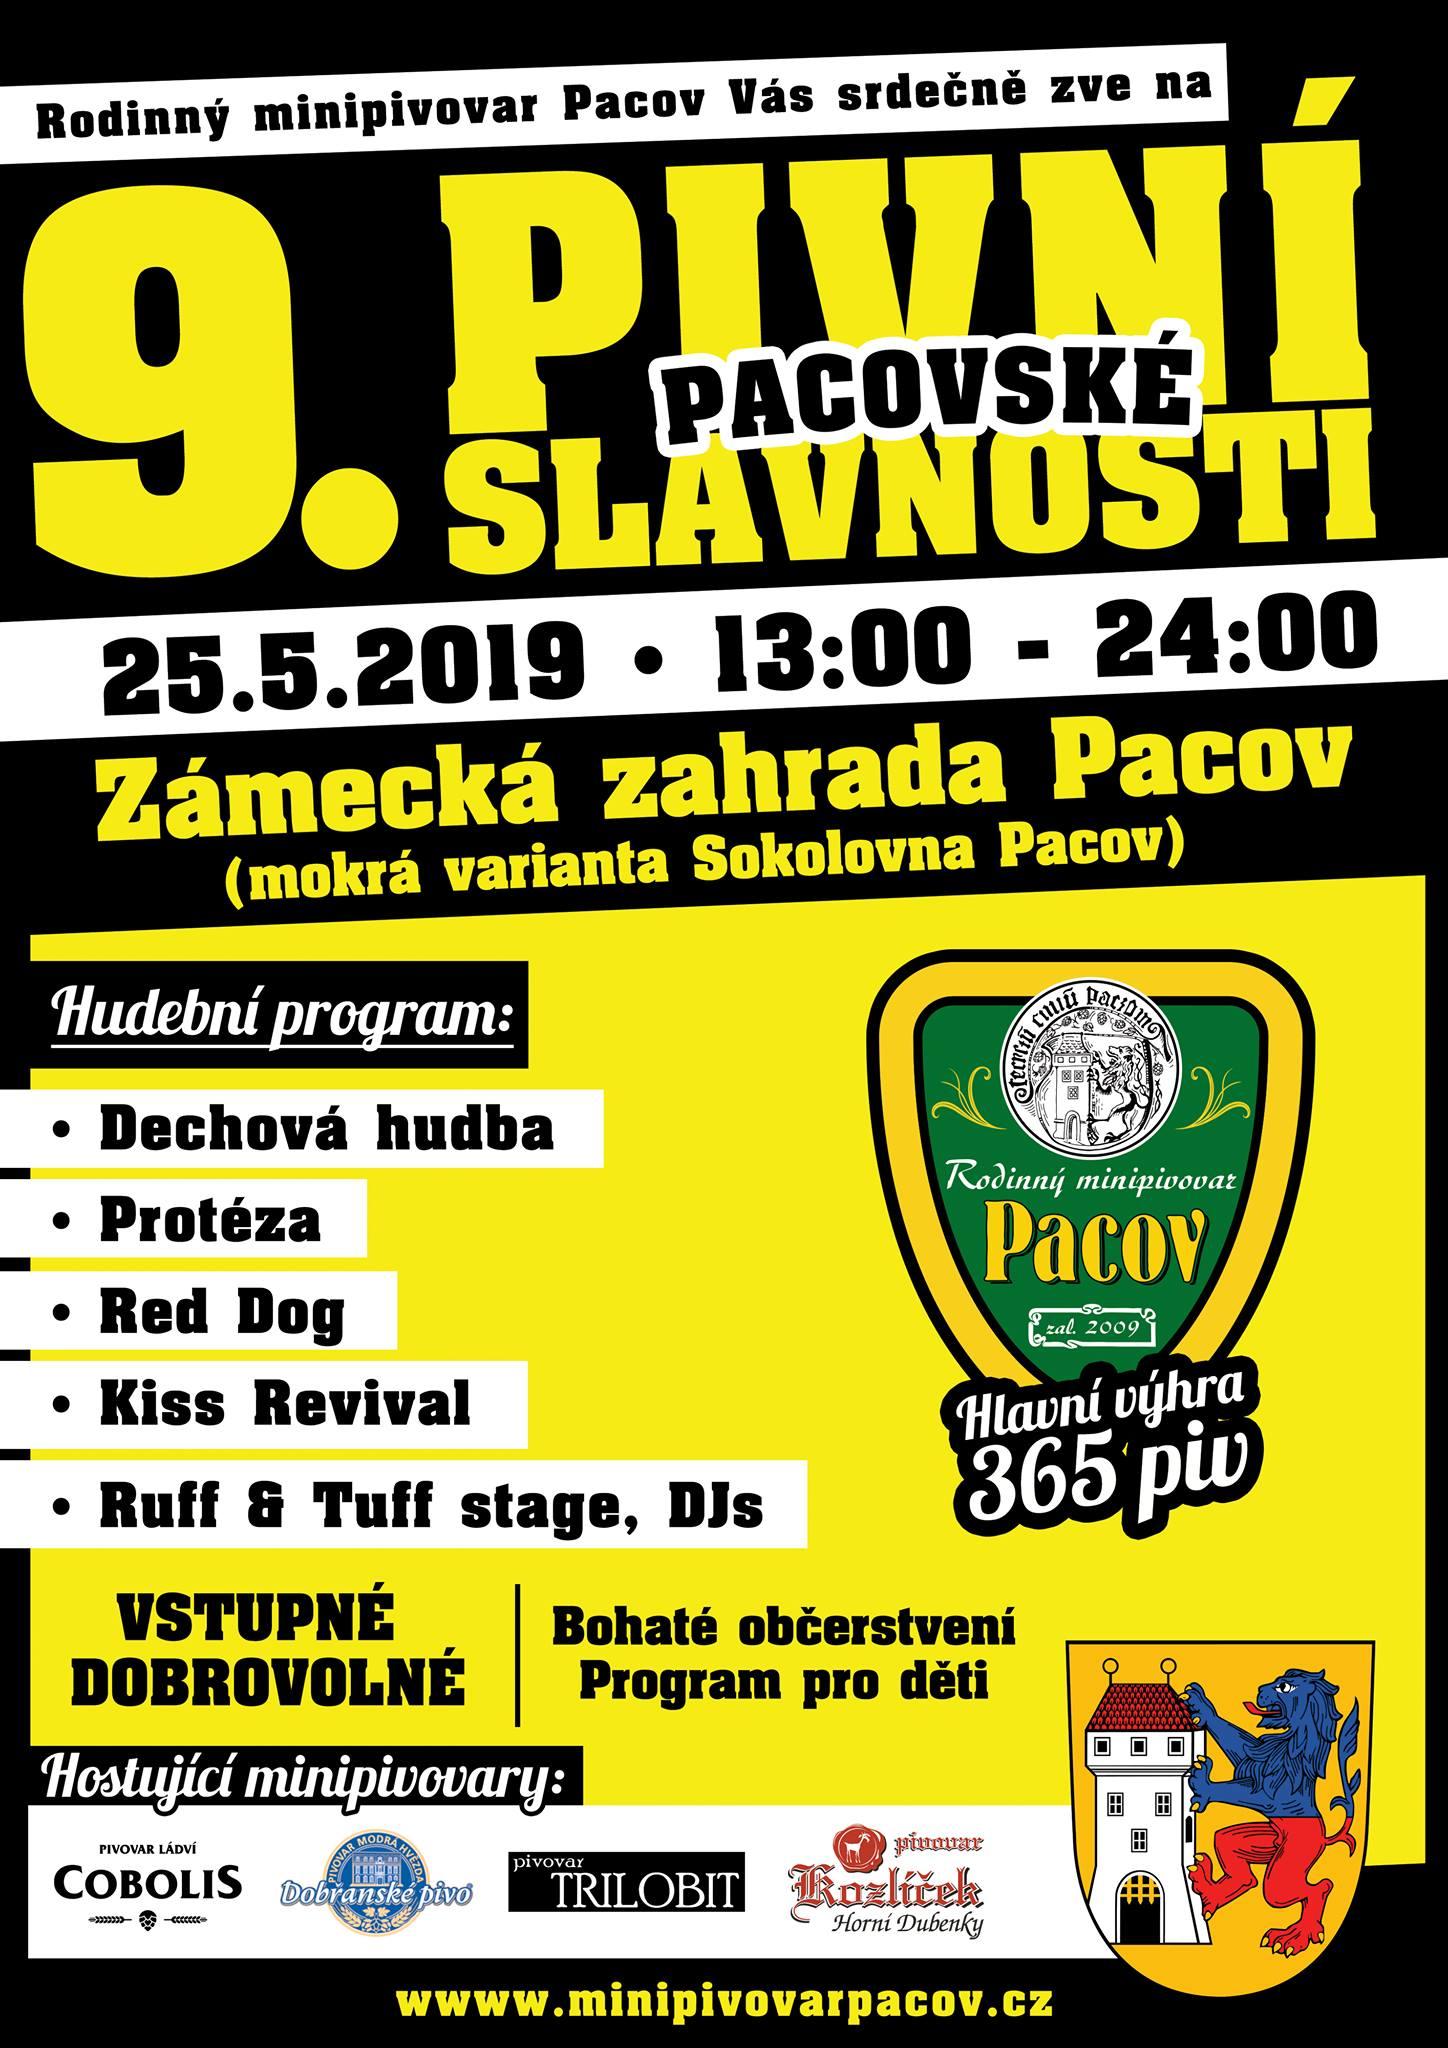 pivovari-pivovary-pivni-akce-9-pacovske-pivni-slavnosti-2019